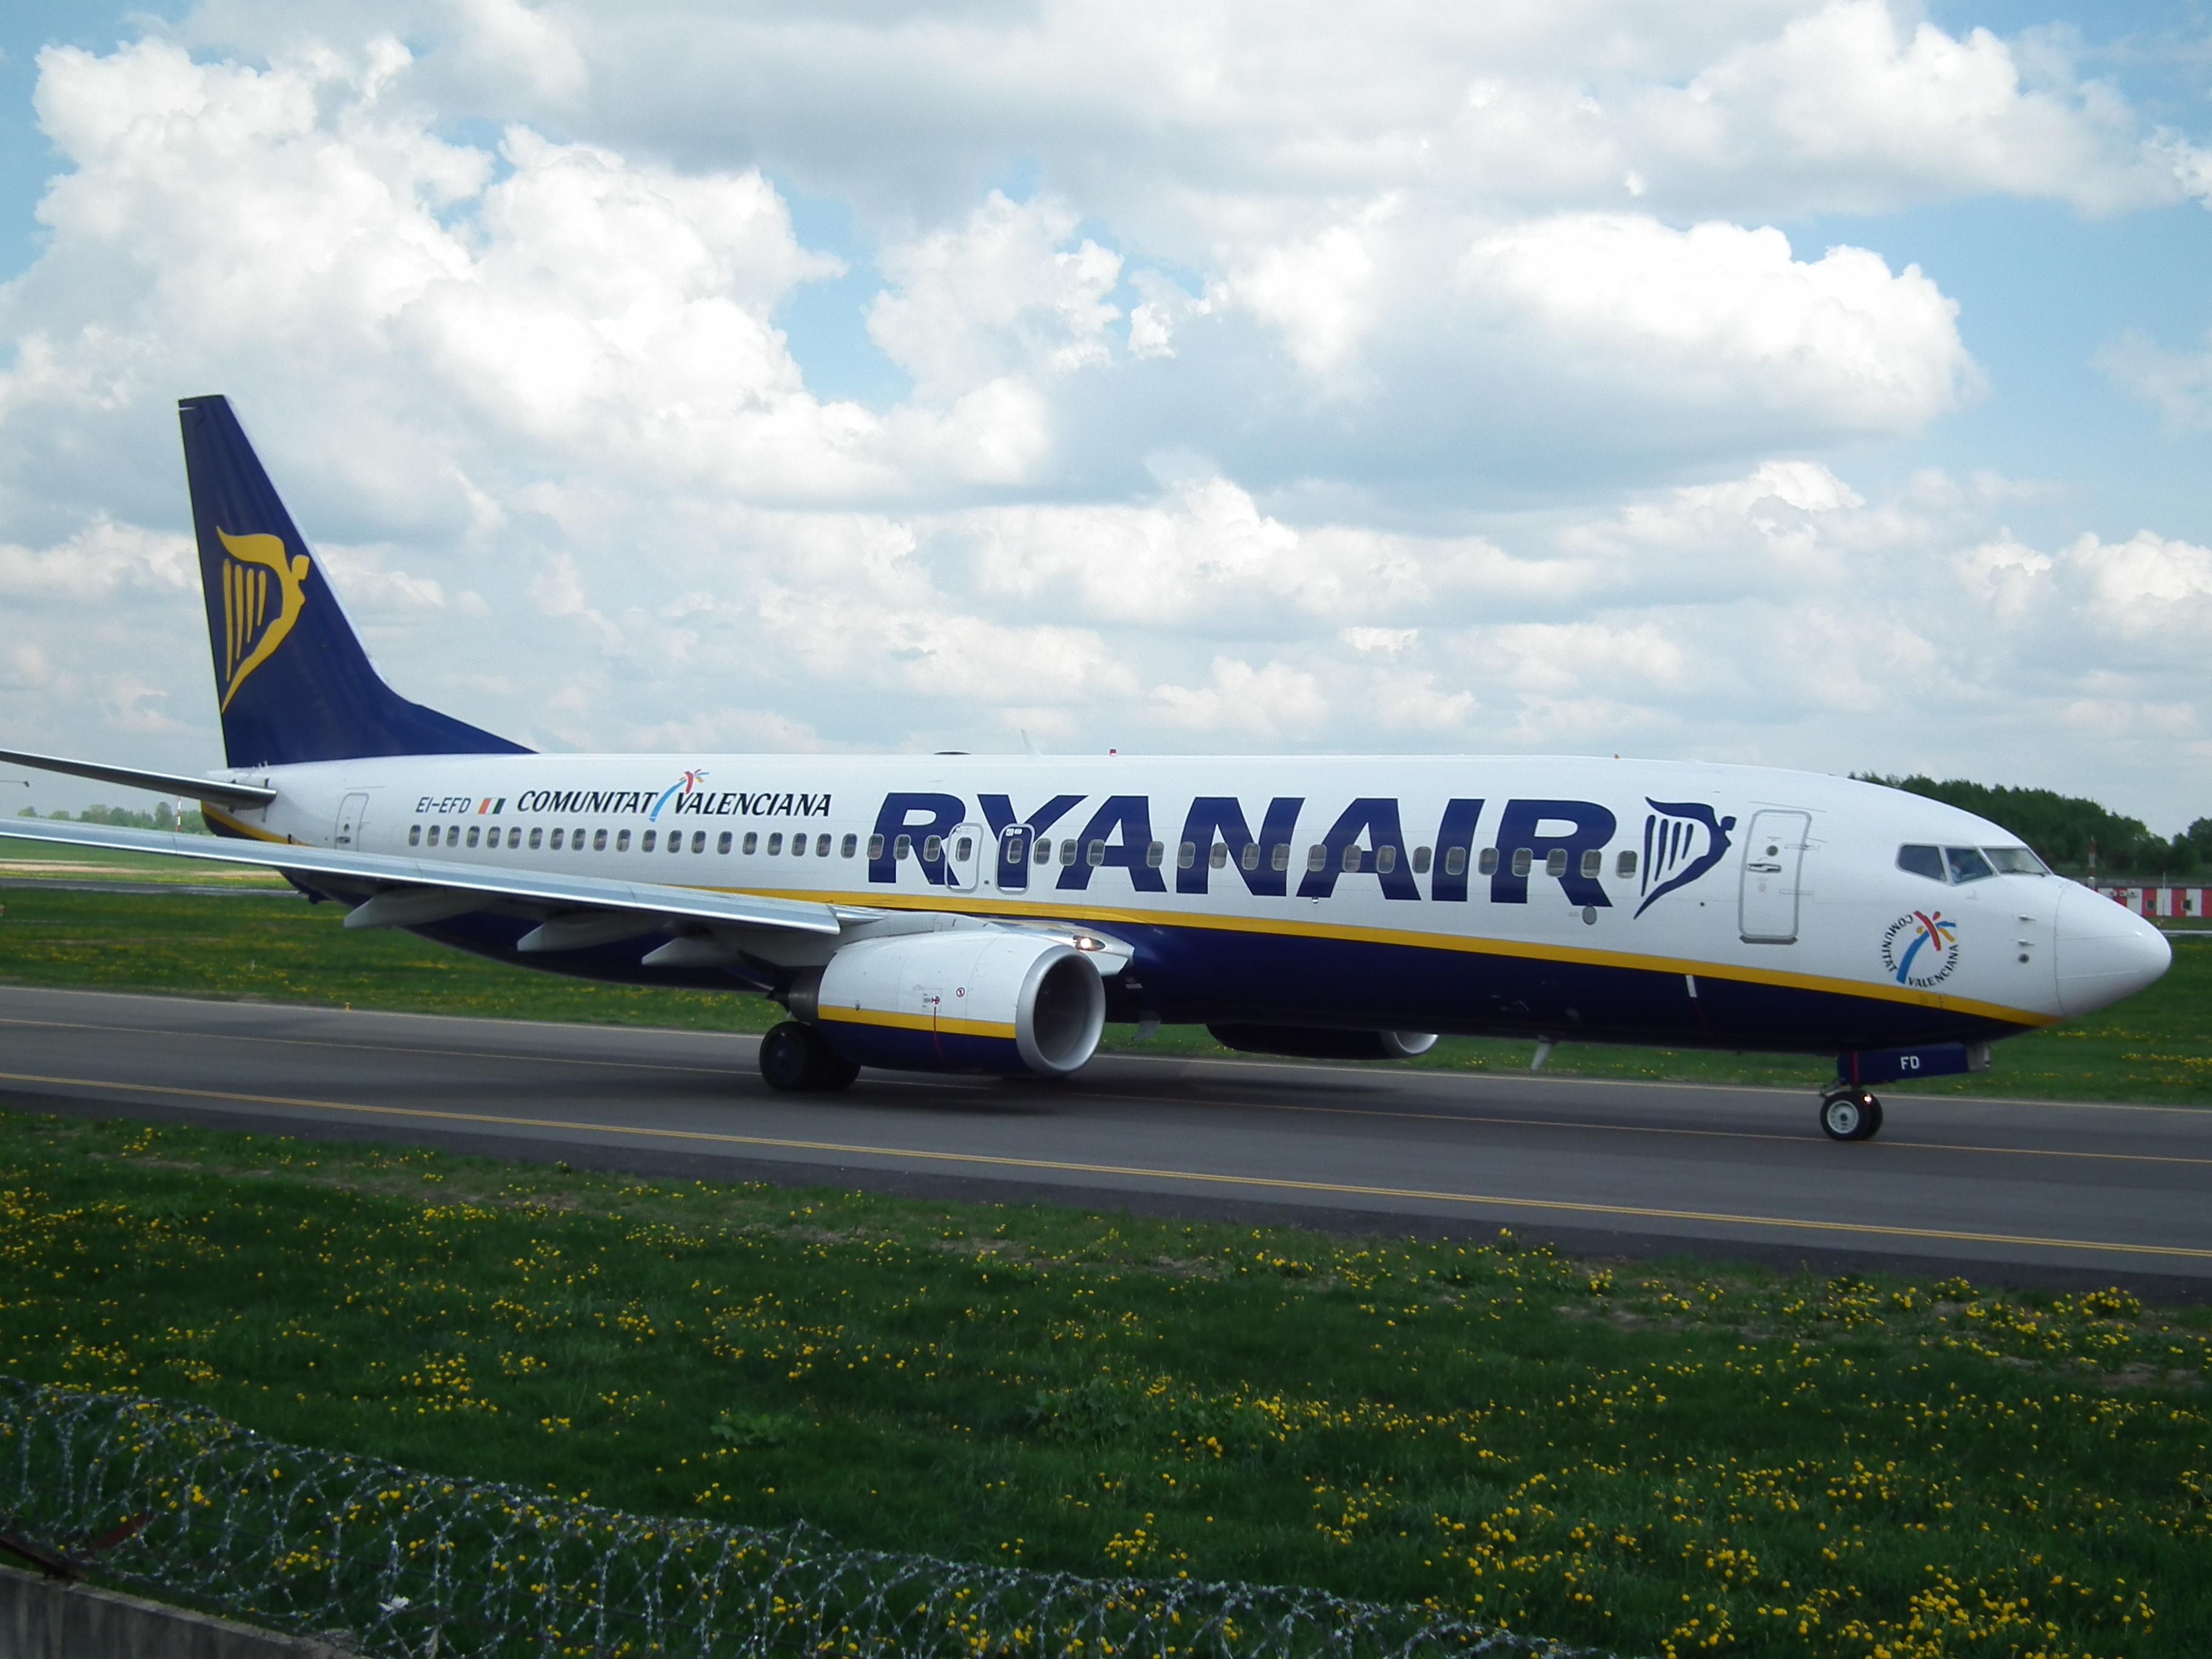 File:Ryanair Boeing 738 taxiing at Vilnius airport.JPG